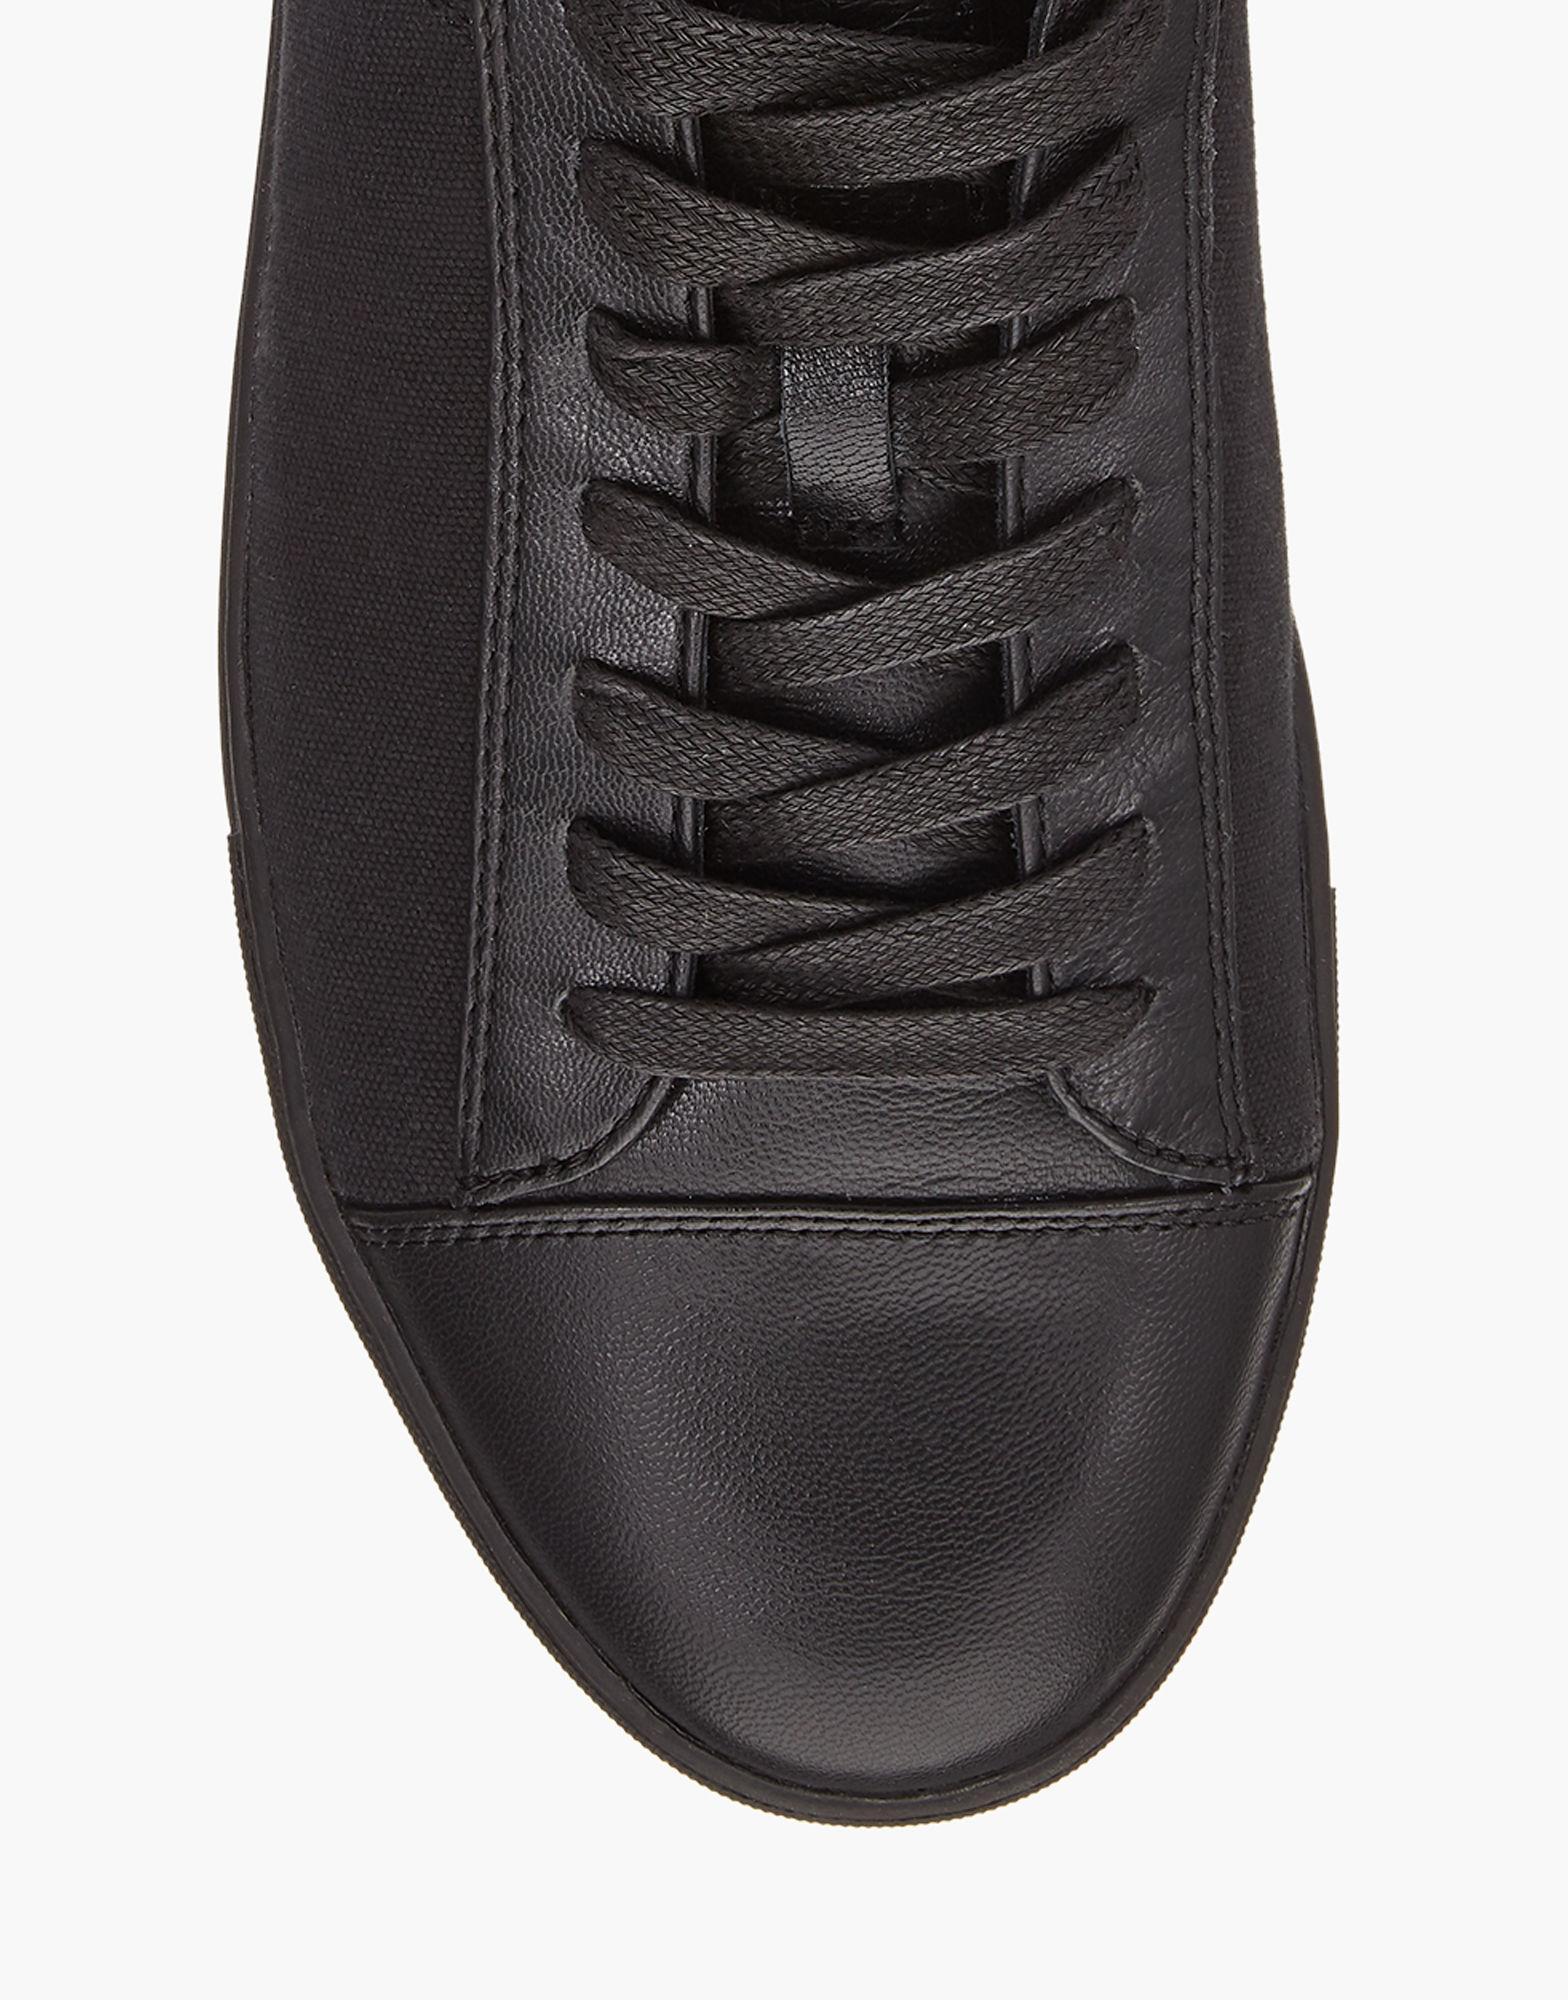 5a55bedb4ca Belstaff Wanstead Sneakers in Black for Men - Lyst